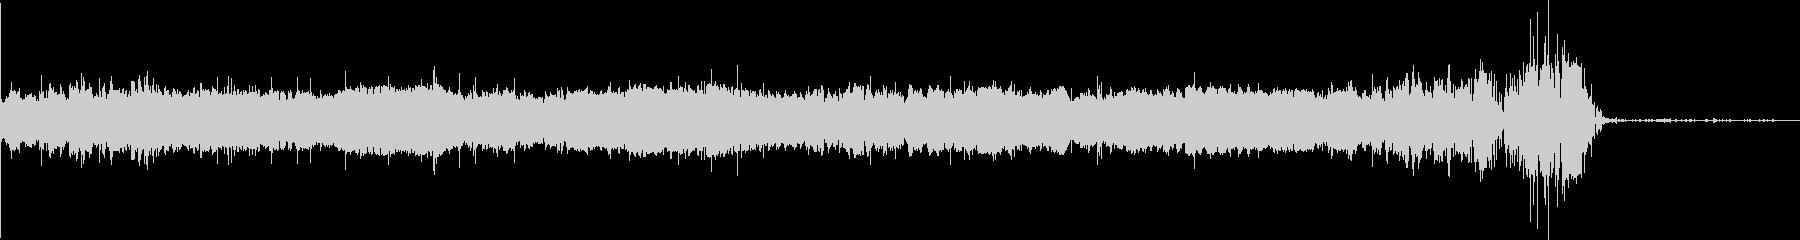 【シンセサイザー】 SFX 環境音 15の未再生の波形